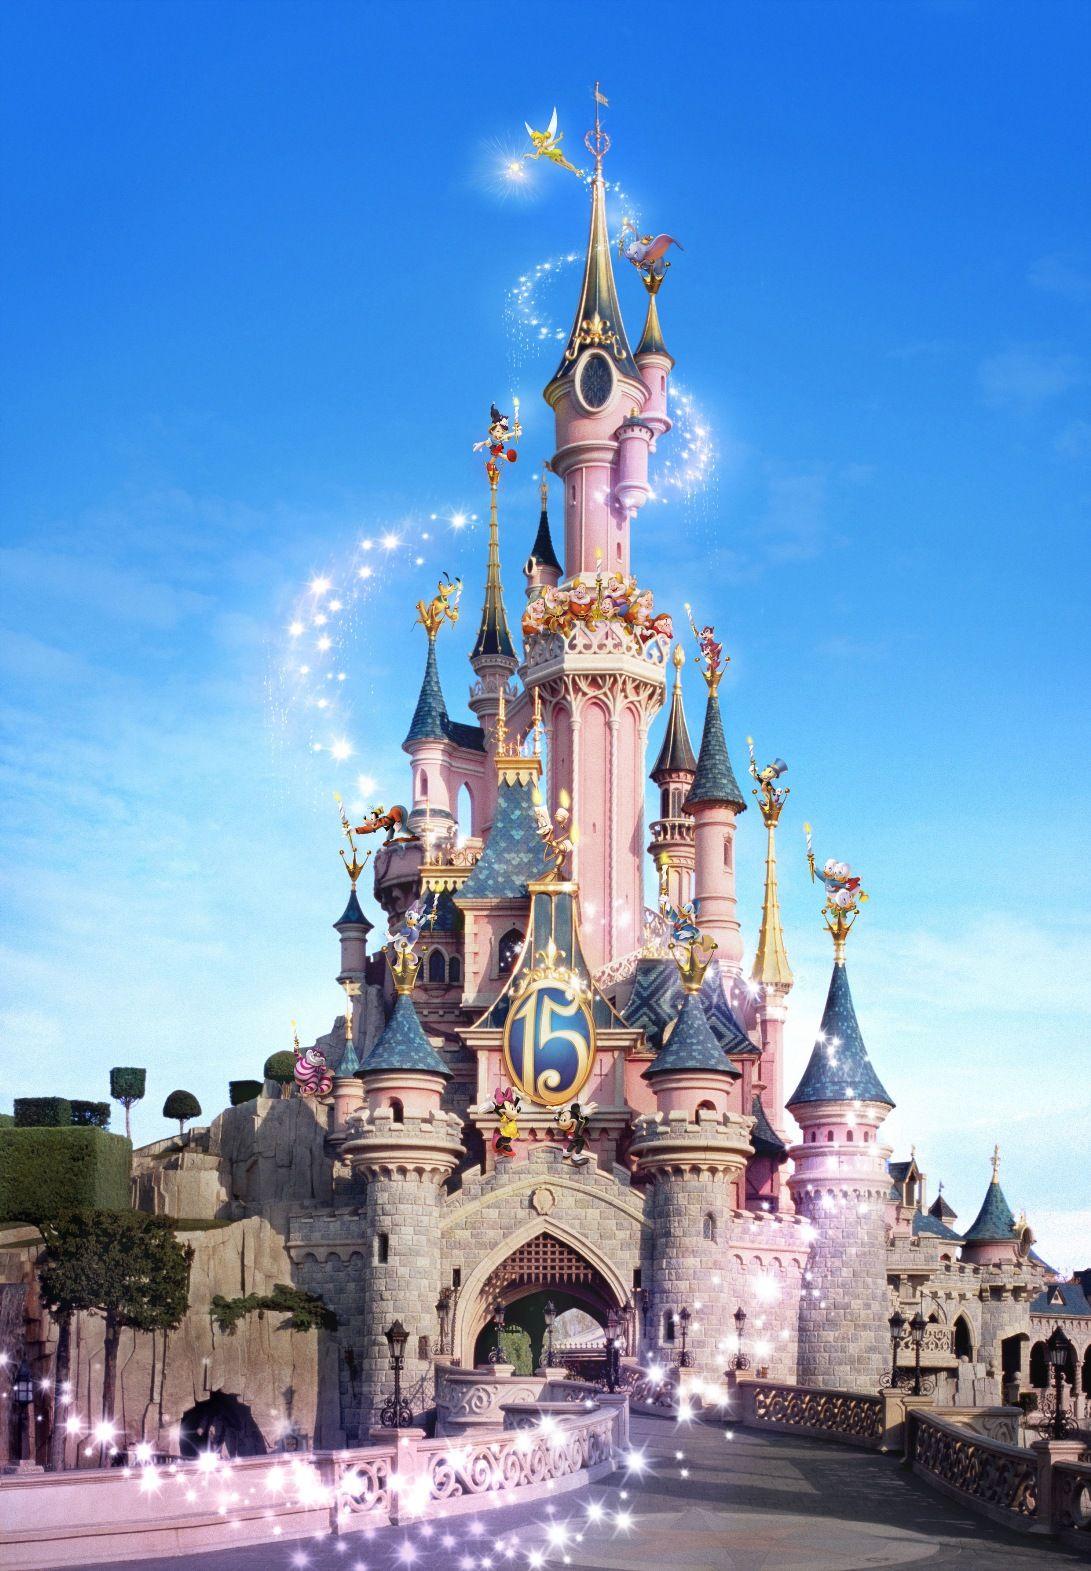 Le ch teau de disneyland paris disney et dessins anim s - Dessiner un chateau de princesse ...